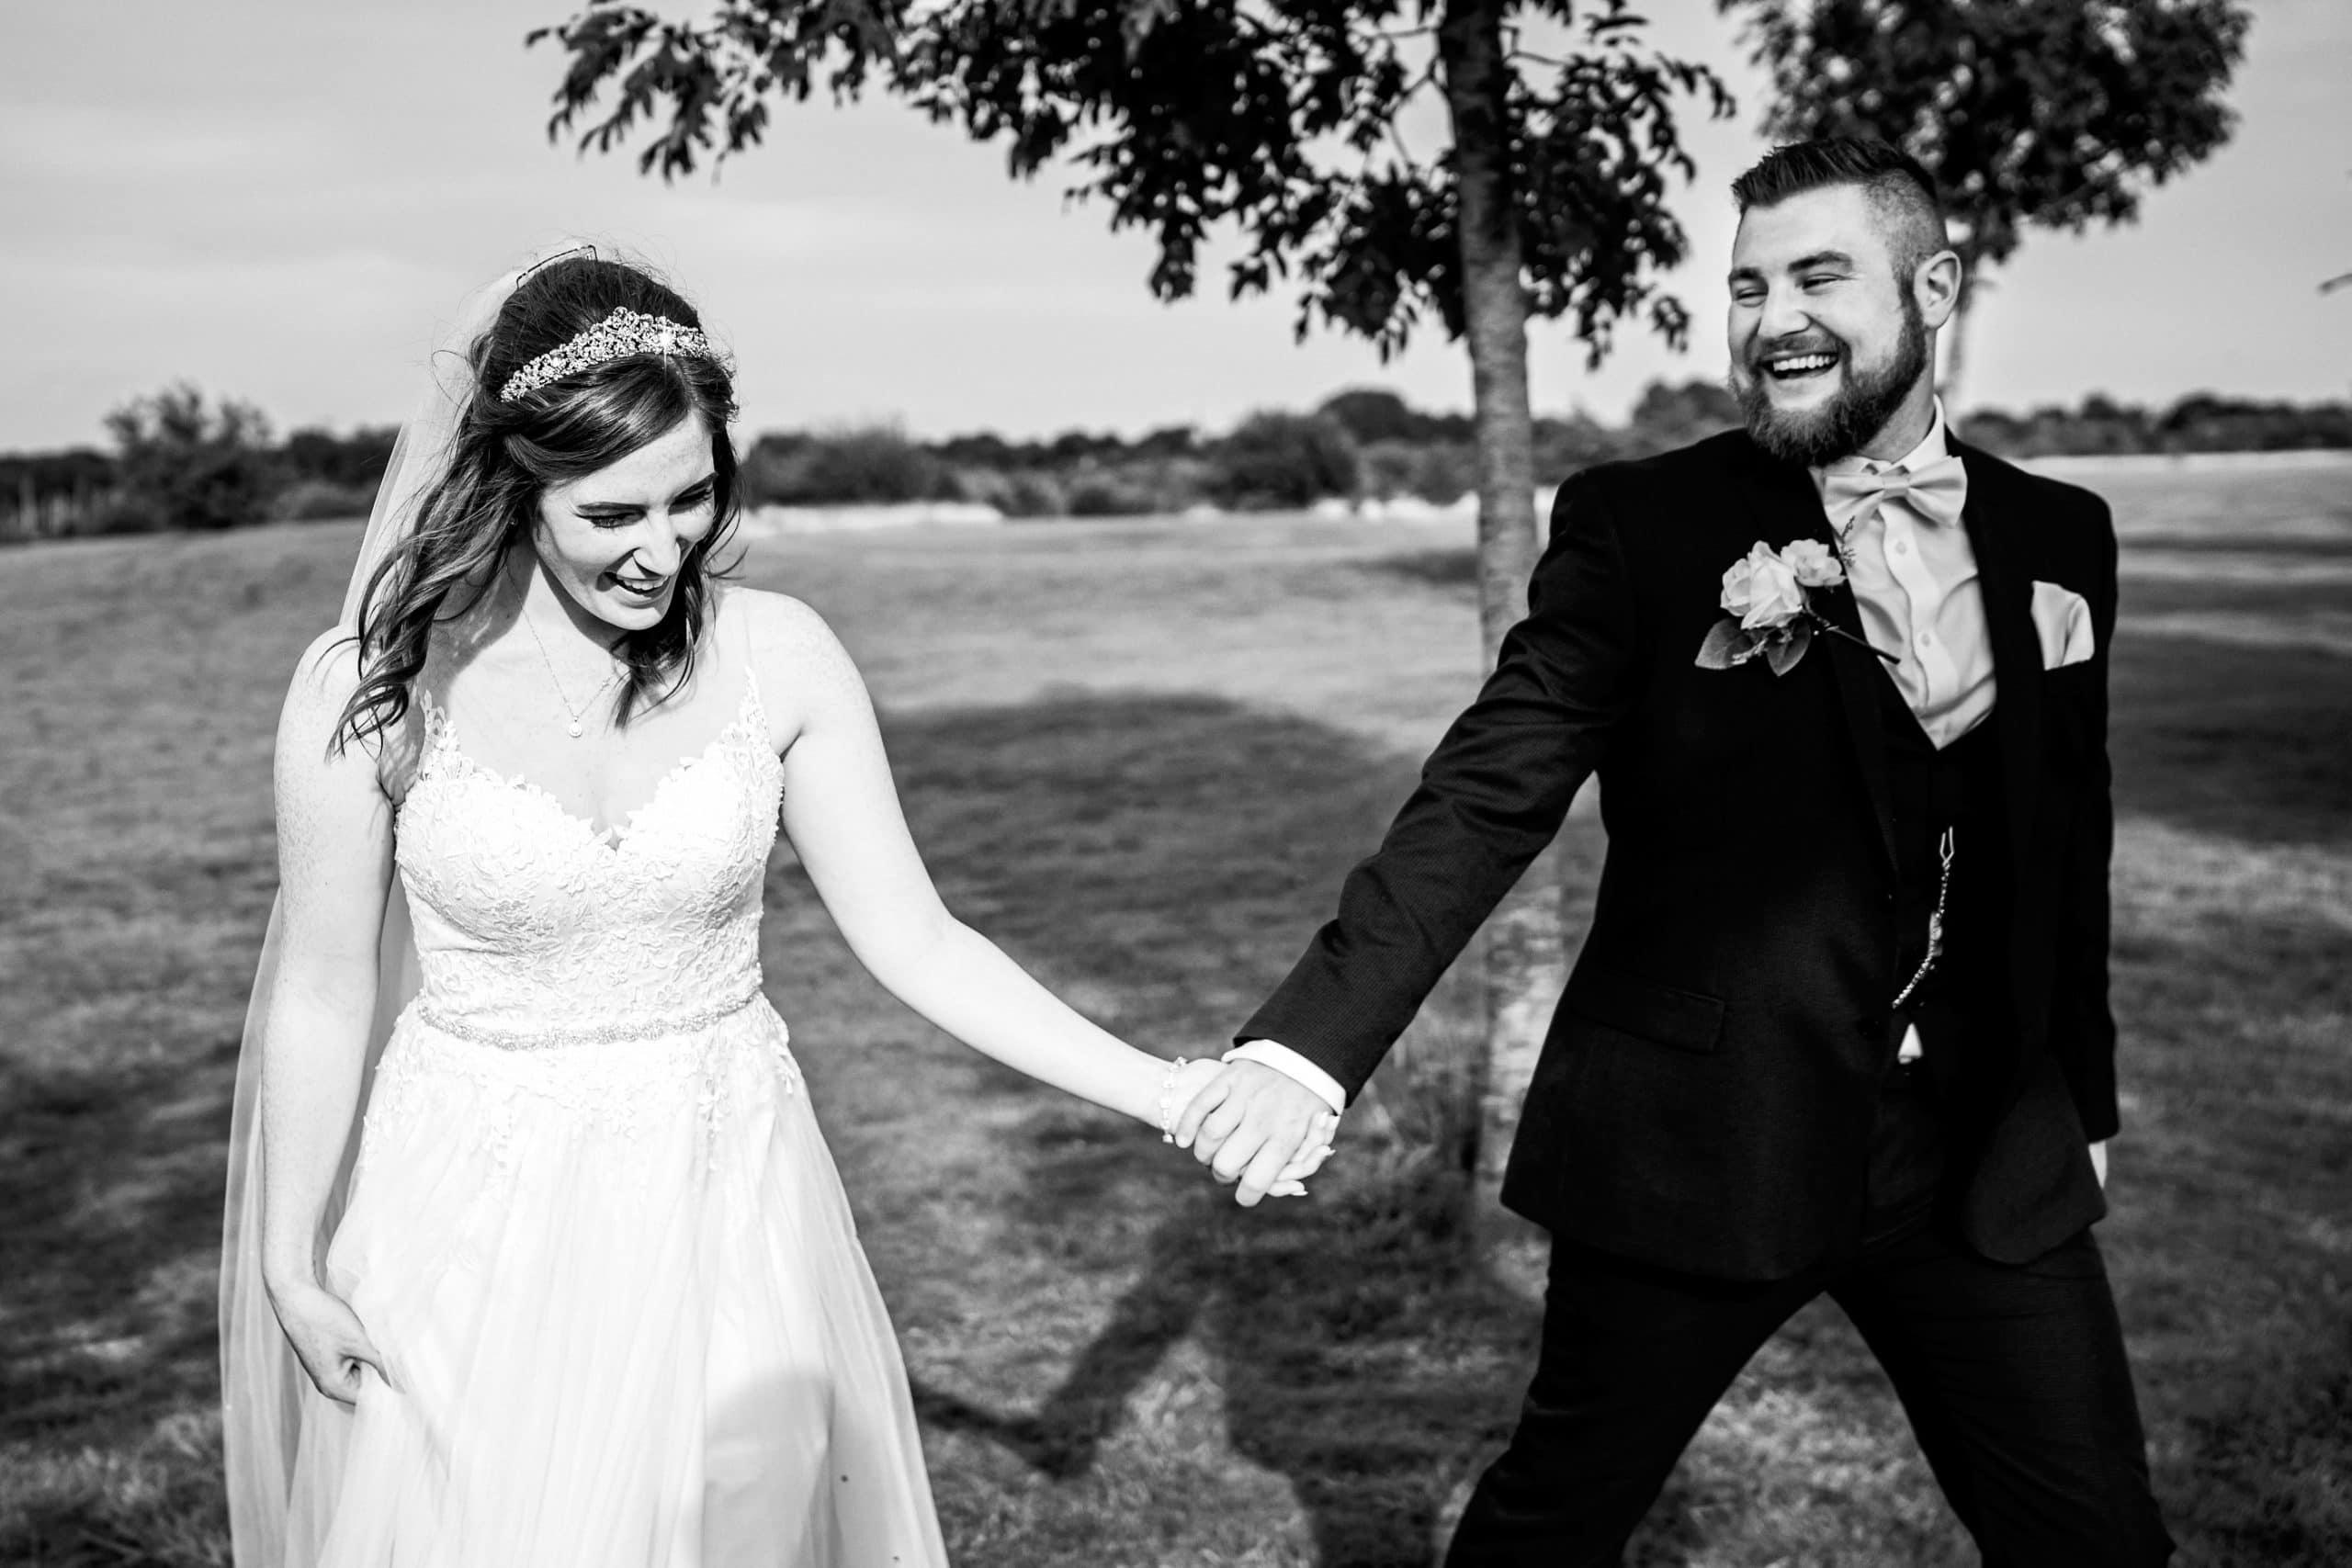 normanton-church-wedding-photography-32